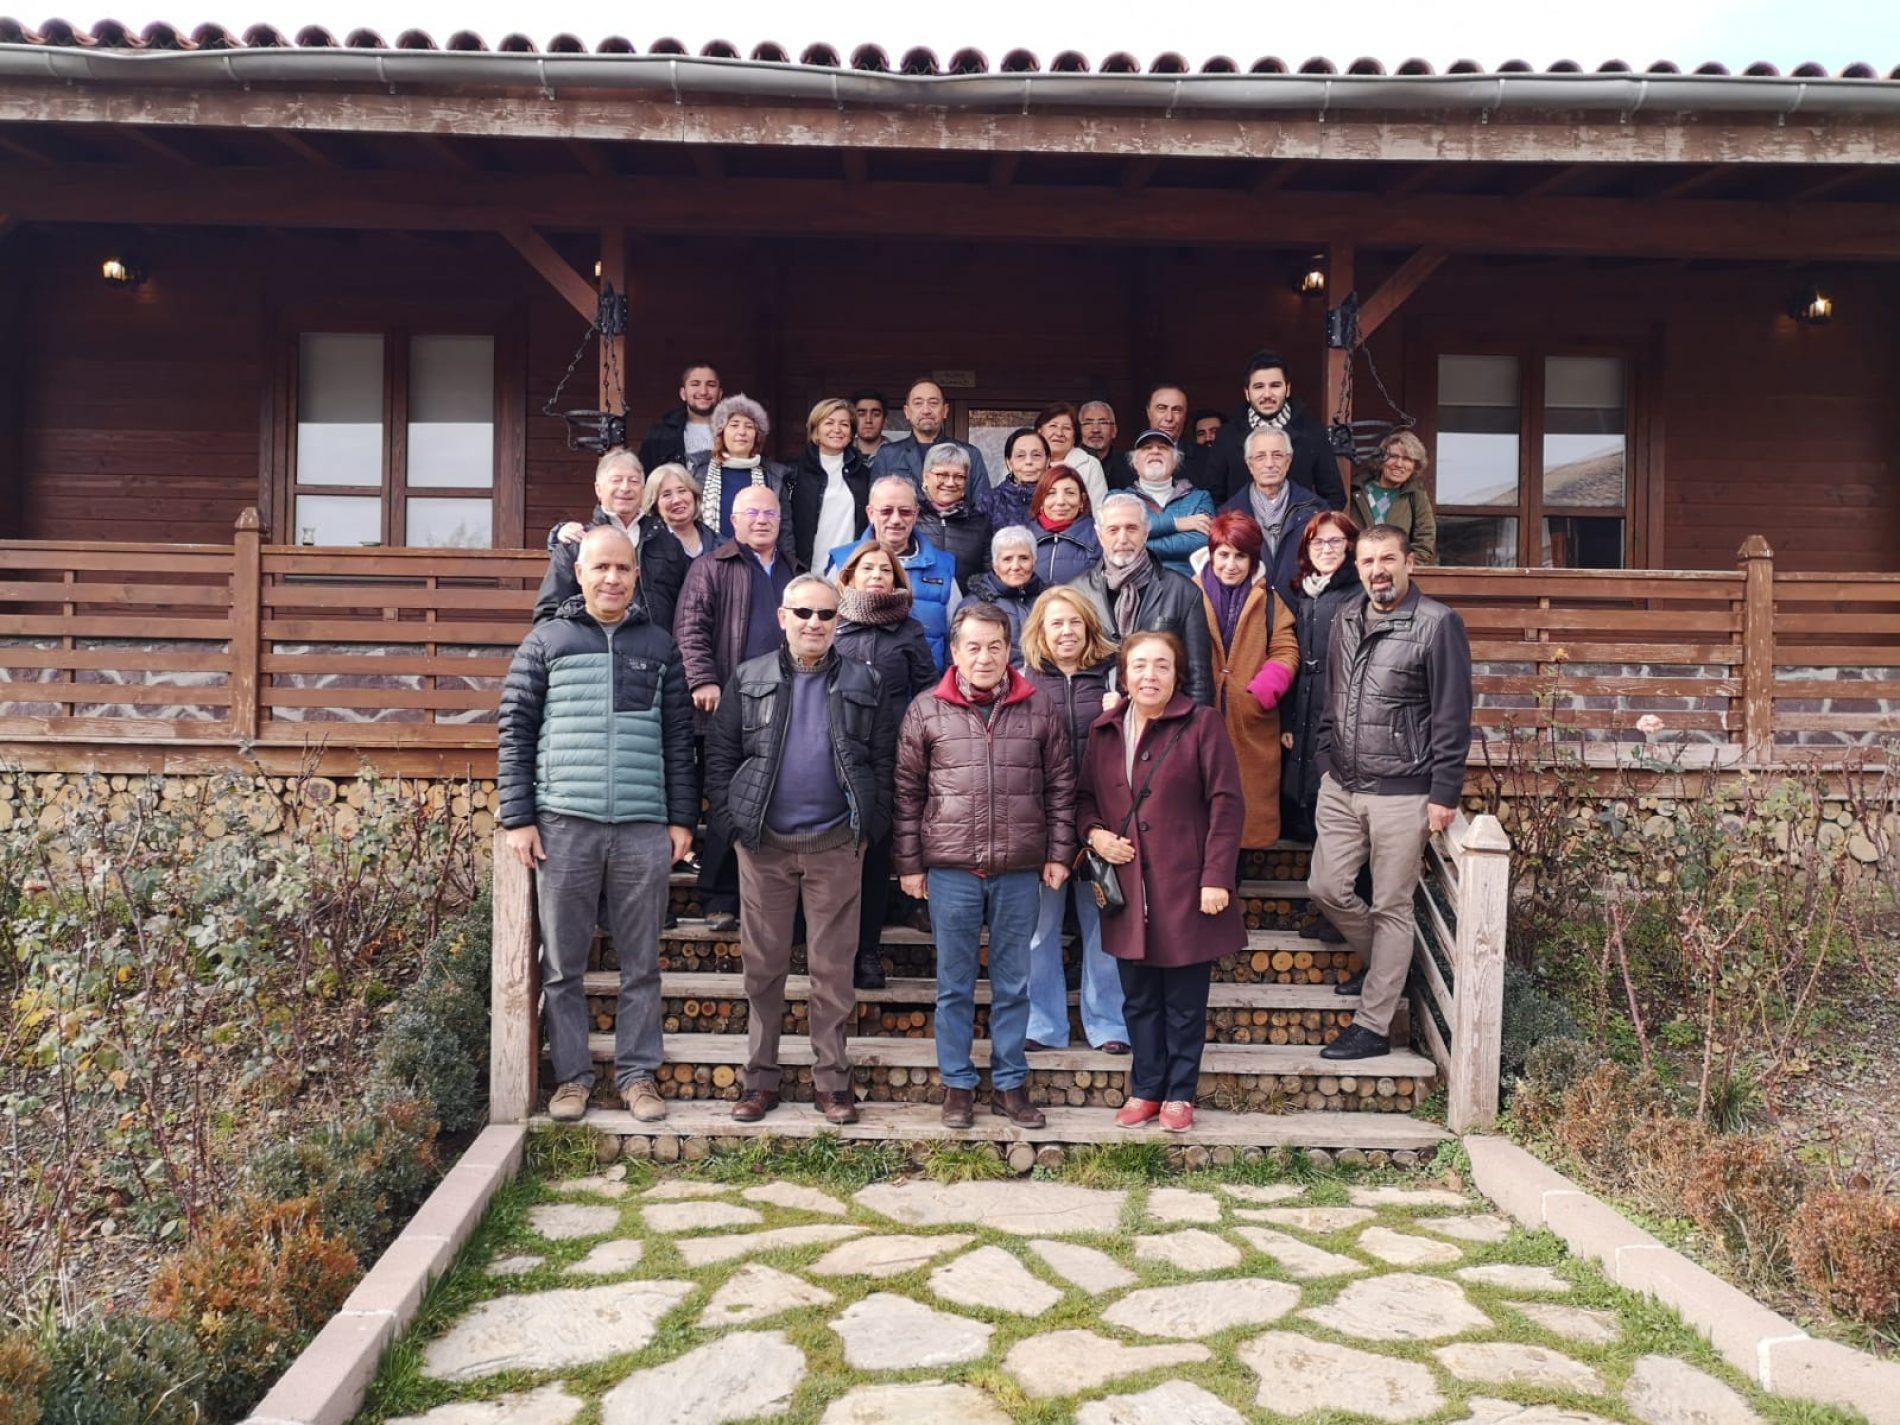 TBD Ankara Şubesi olarak 9 Aralık 2018 Pazar Günü Değerli üyelerimizin katılımları ile Altınköy Açık Hava Müzesi'nde kahvaltımızı gerçekleştirdik.